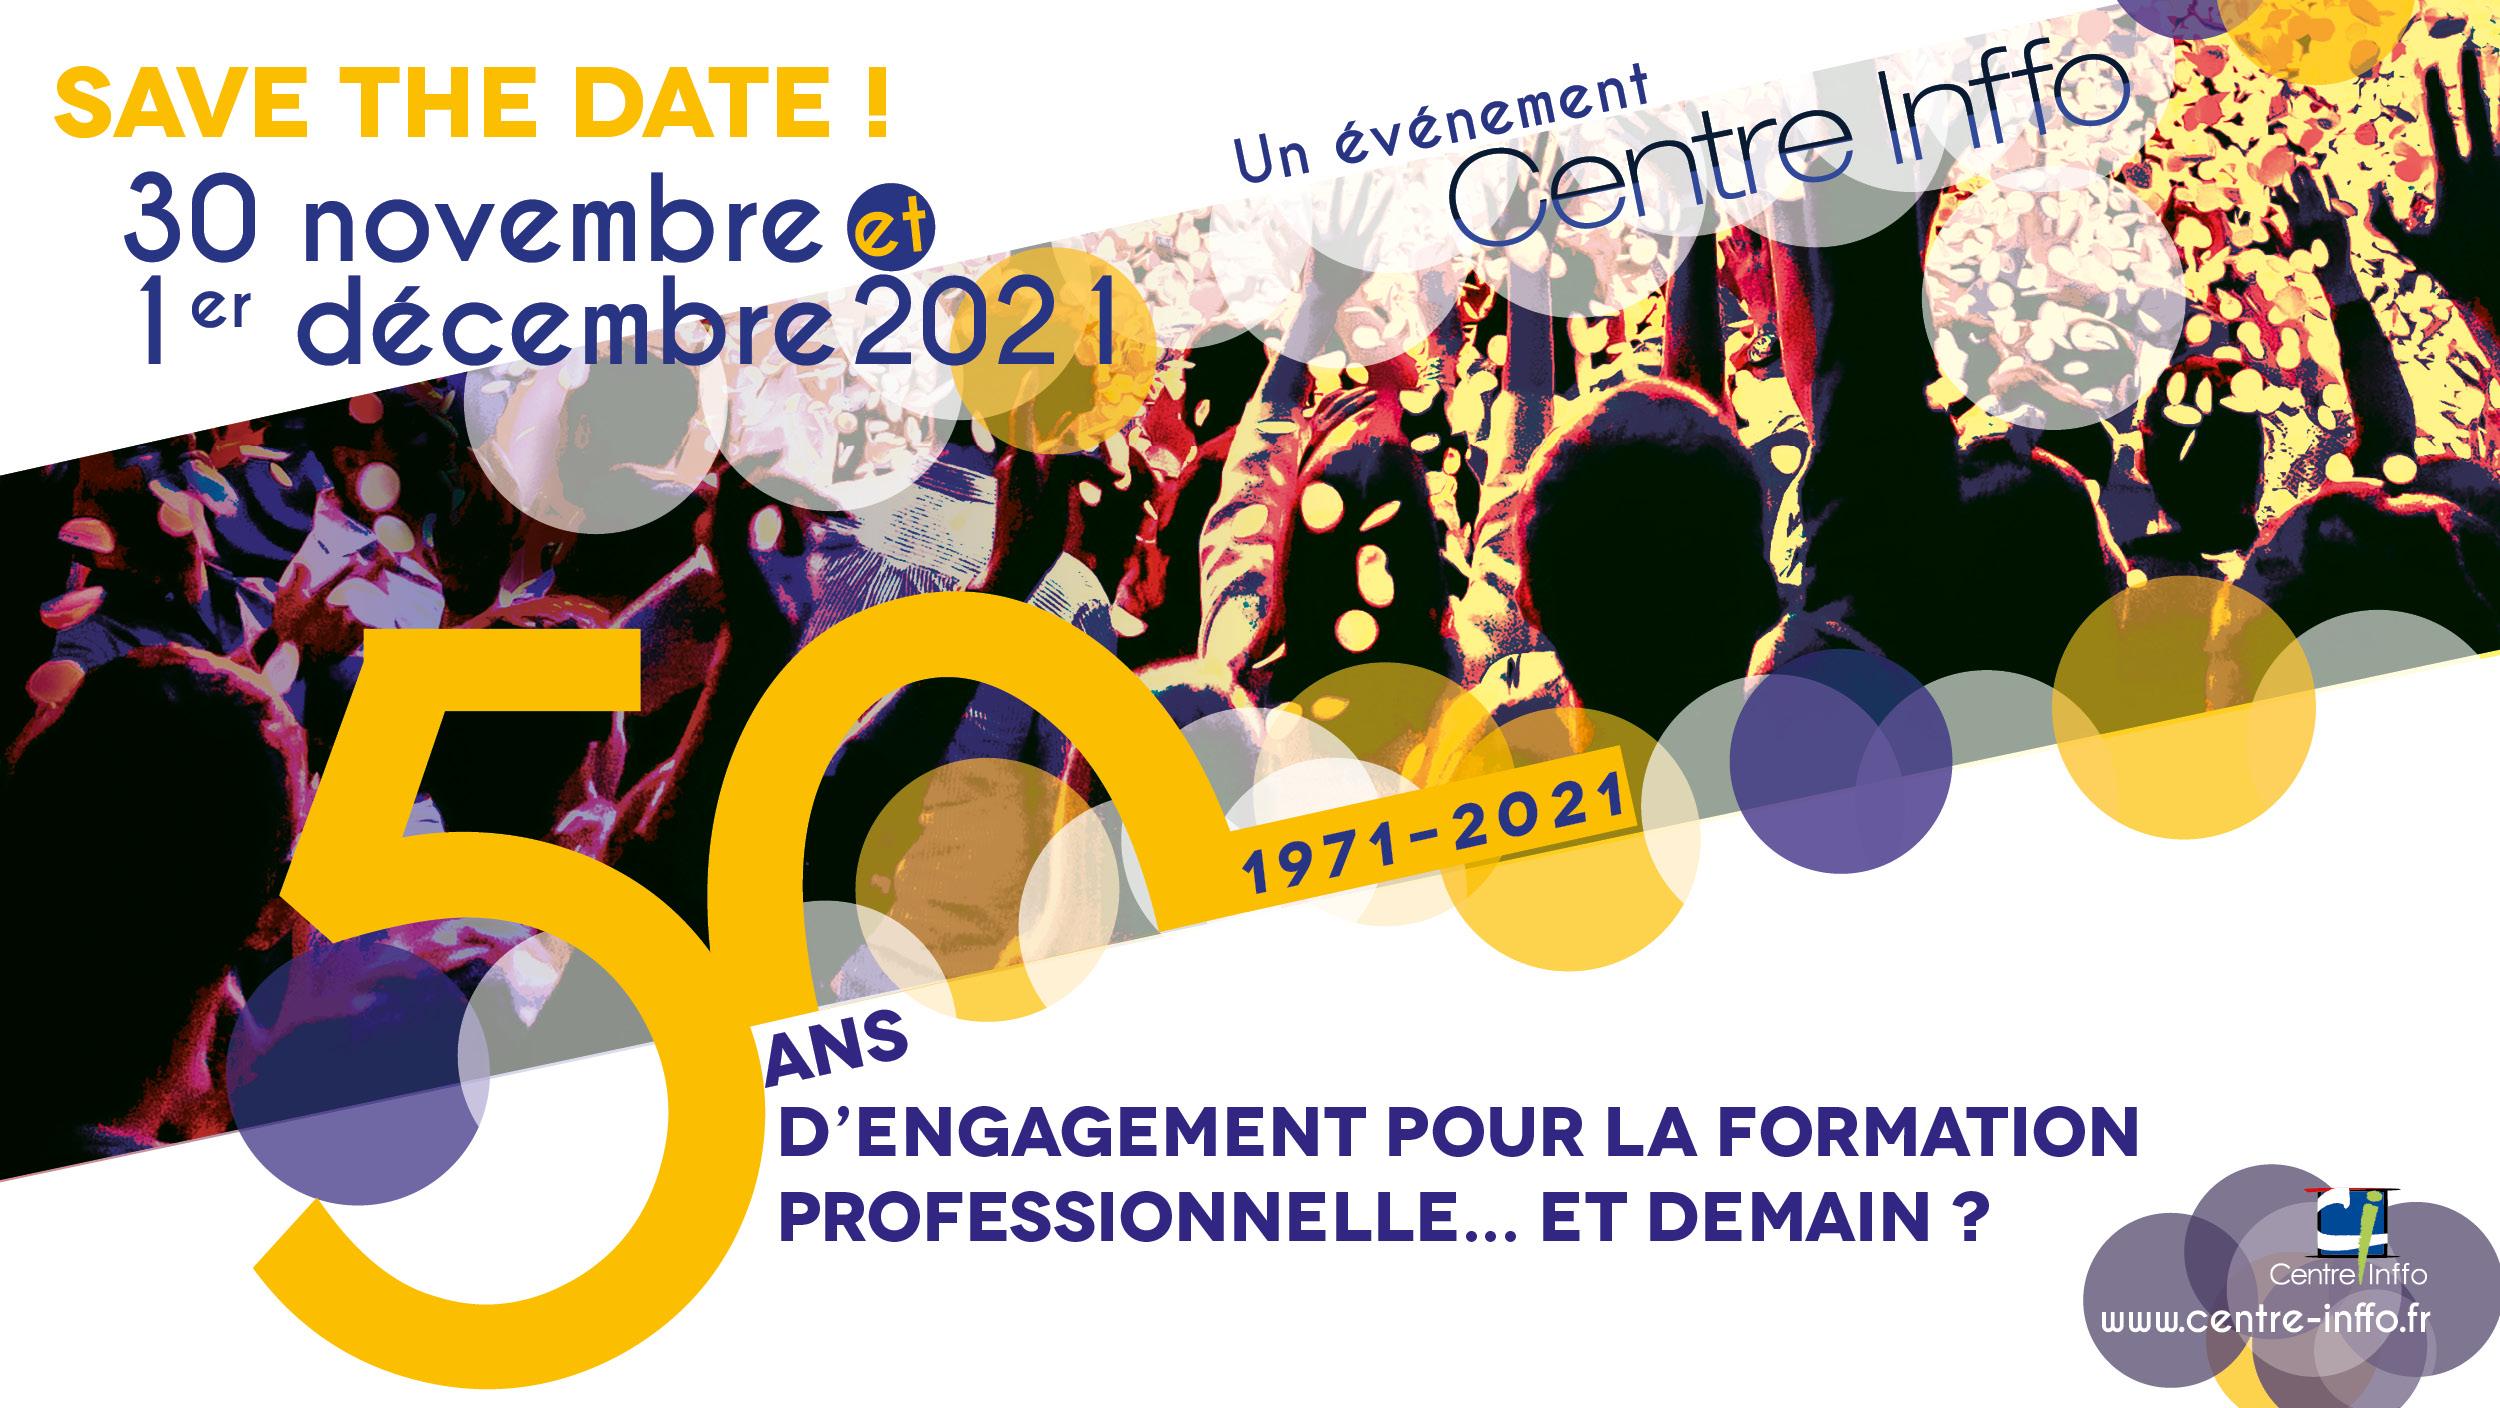 Save the date ! 30 novembre et 1er décembre 2021